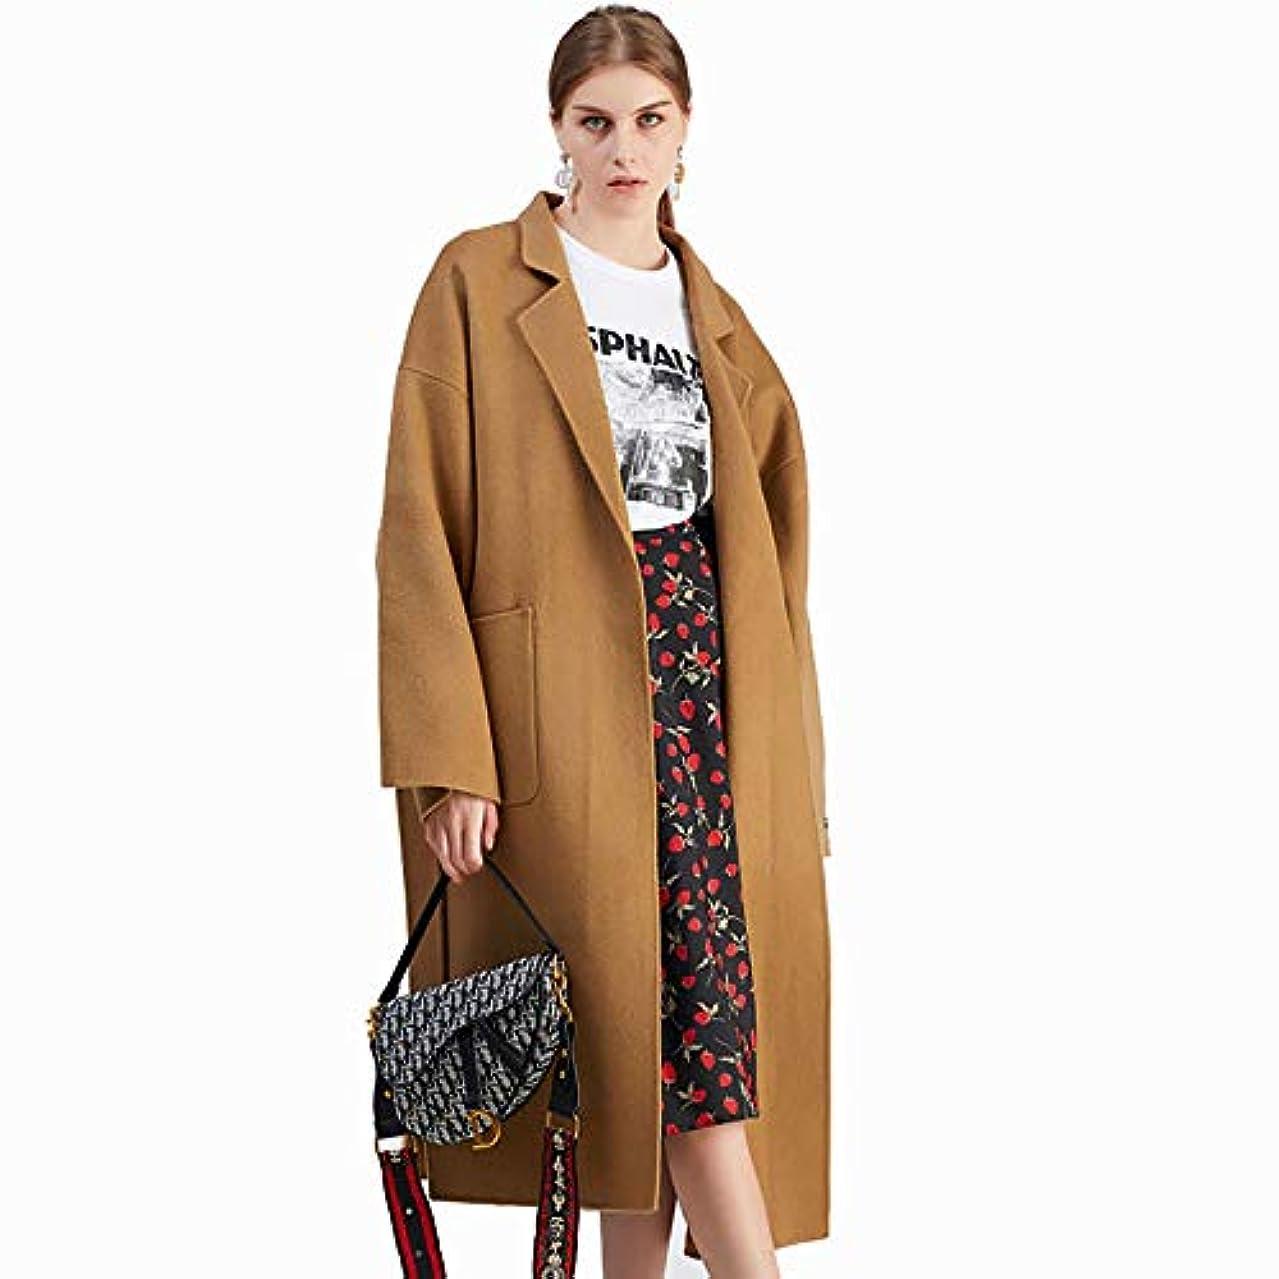 急降下受付カウントロングコート、秋と冬のカシミヤのコート、ロング両面のウールコート手作り婦人服レディースコートレディースウインドブレーカージャケット